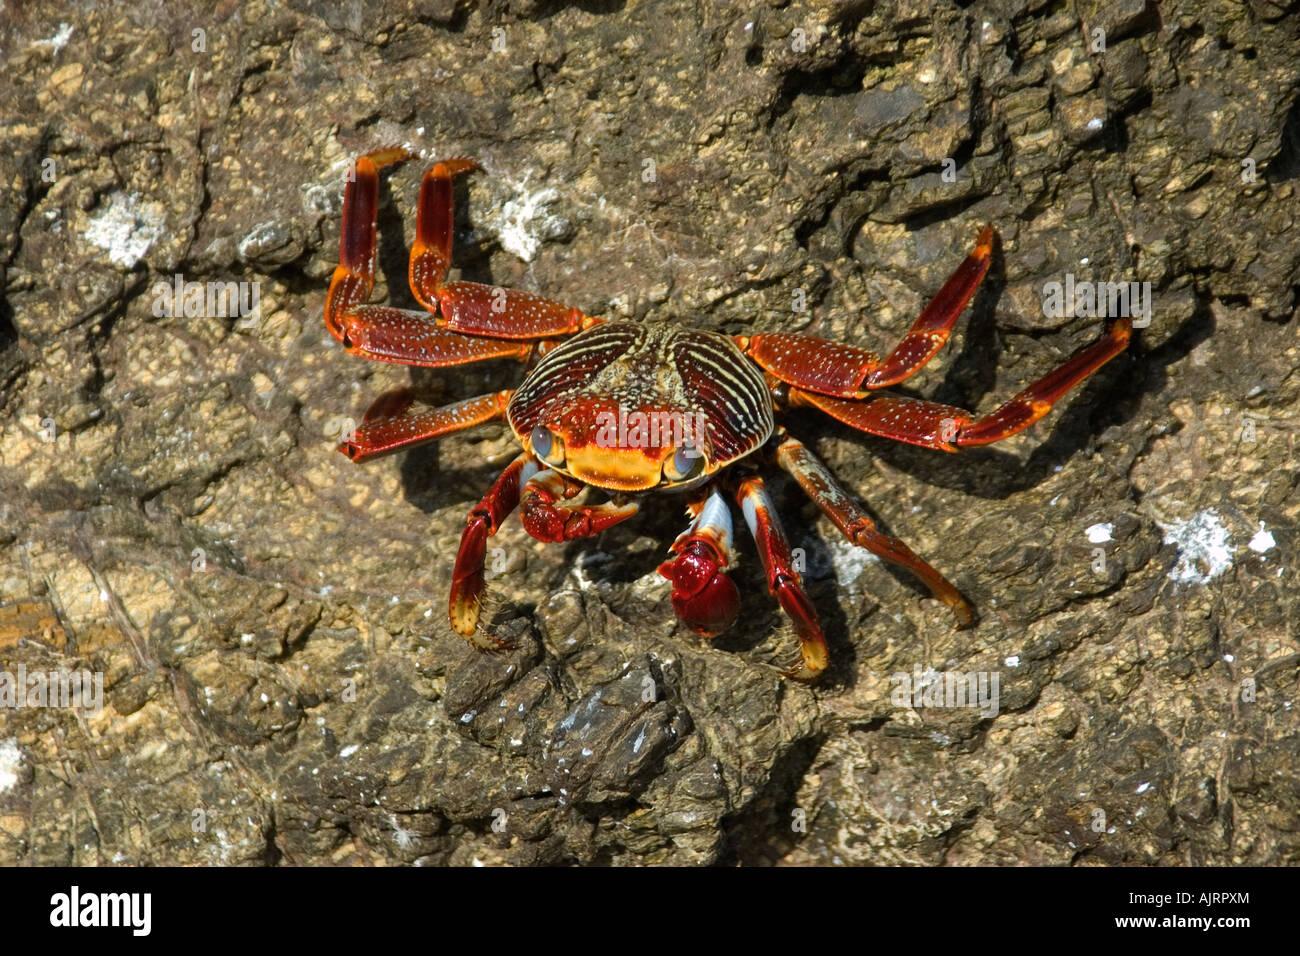 Red rock crab Grapsus grapsus St Peter and St Paul s rocks Brazil Atlantic Ocean - Stock Image